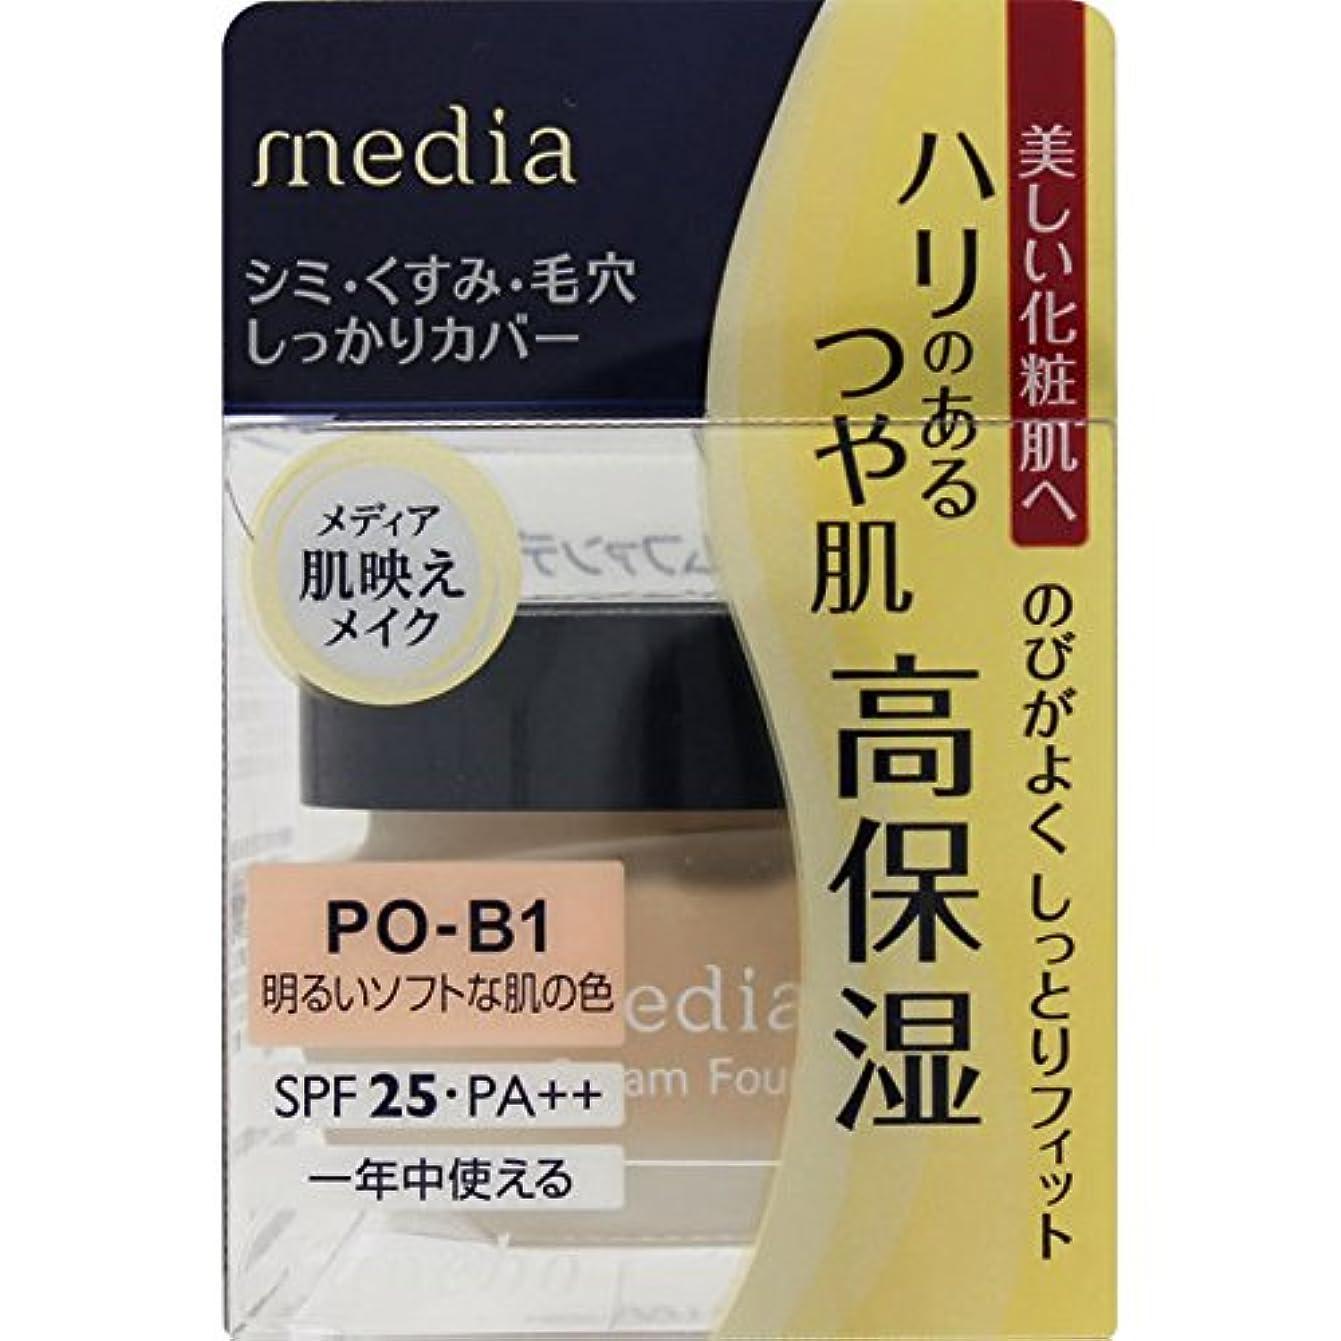 ツール人種必要条件カネボウ化粧品 メディア クリームファンデーション 明るいソフトな肌の色 POーB1